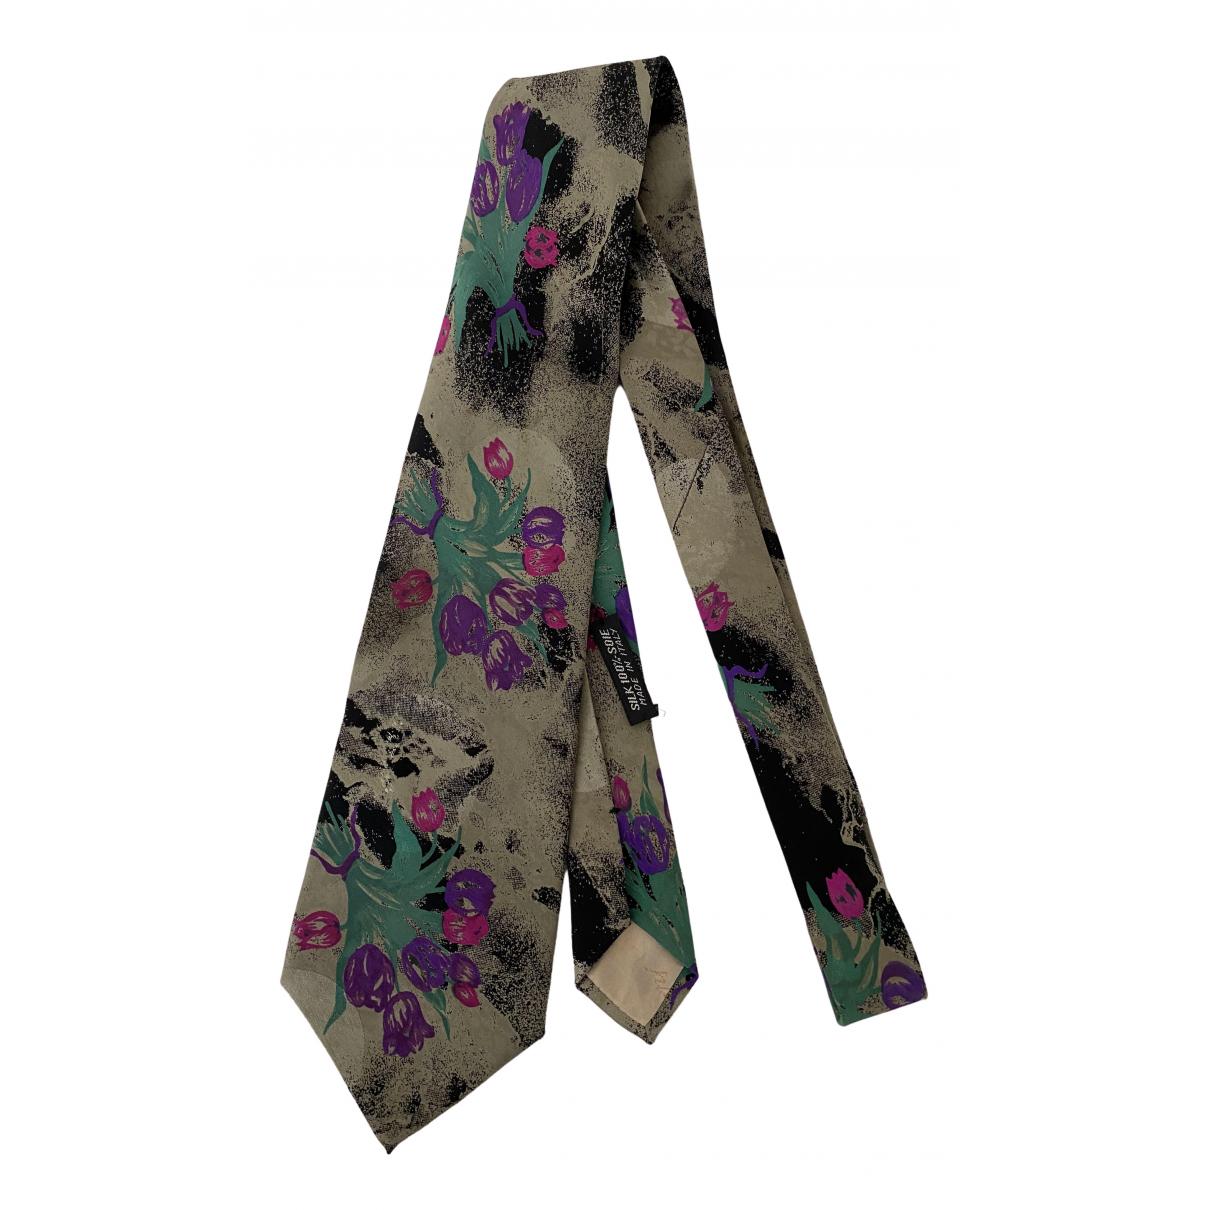 Brioni - Cravates   pour homme en soie - multicolore